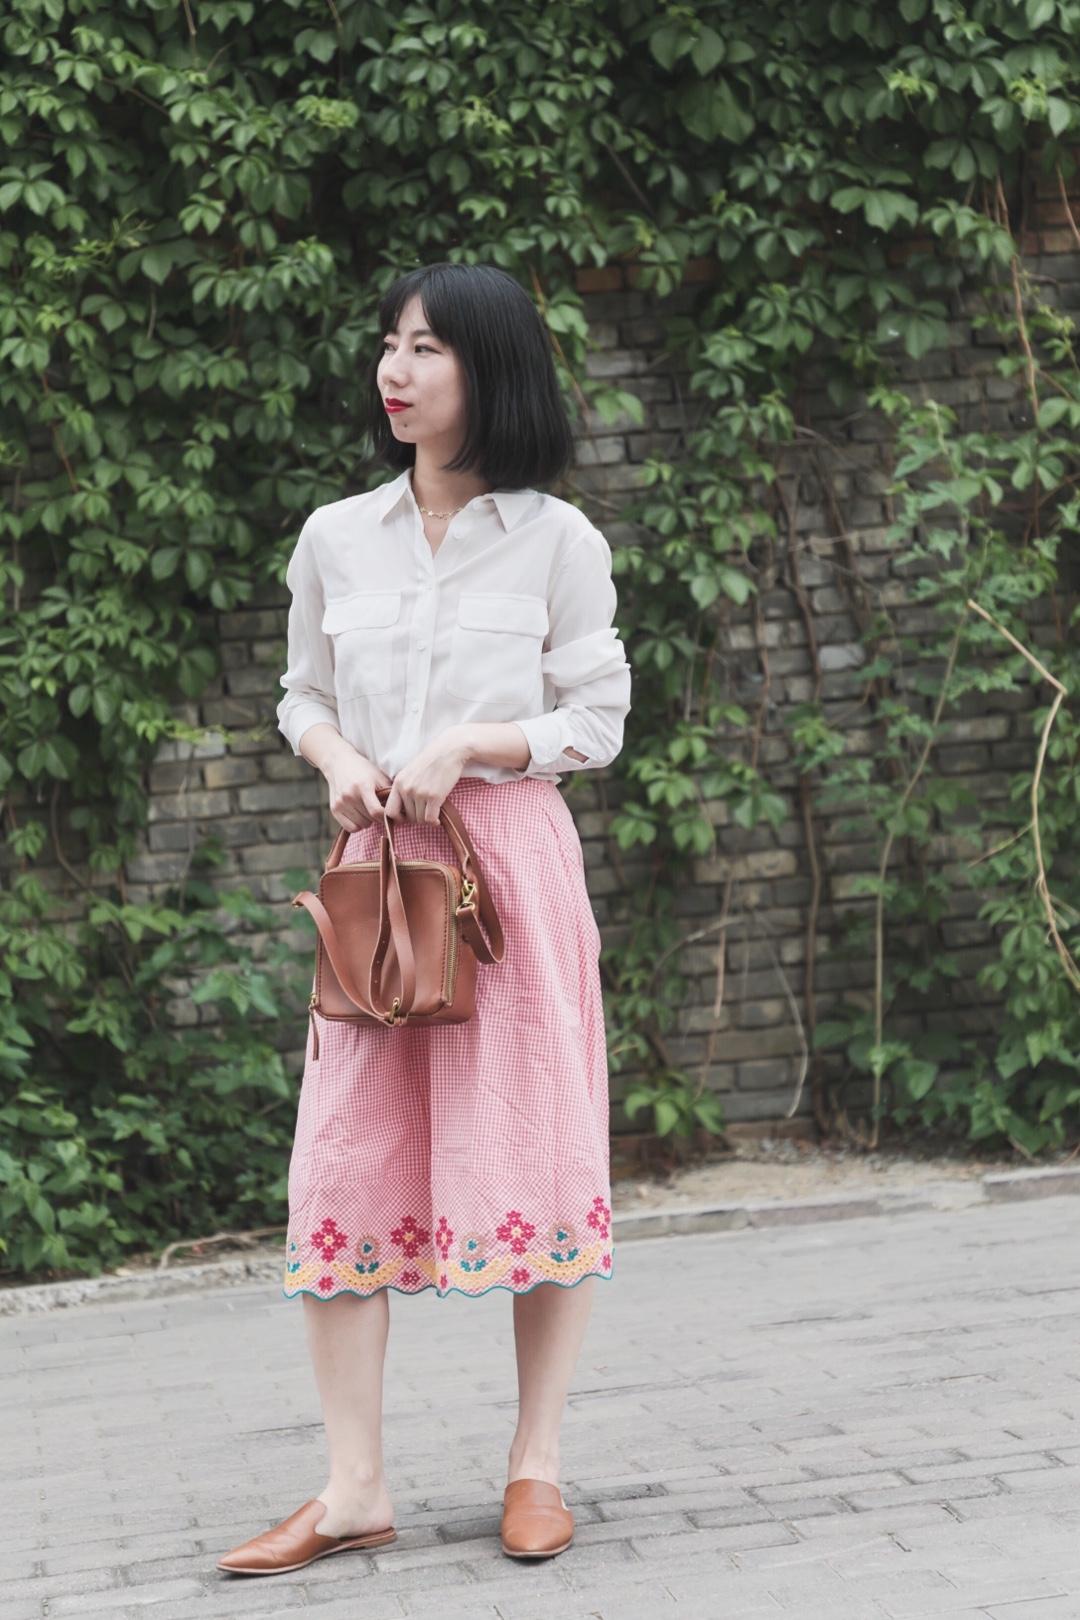 #夏日显白穿搭最全攻略#  衬衫和长裙的夏季搭配: 🌸真丝白衬衫搭配粉色长裙,白色和粉色的搭配是很适合夏季的温柔搭配,比较显得肤色白,仙女长裙没错了~裙子设计是高腰和刺绣设计,细节丰富。 配饰是一只比较复古的方形盒子,搭了同色穆勒拖鞋,平衡一些少女感,添加一些酷酷的赶脚。